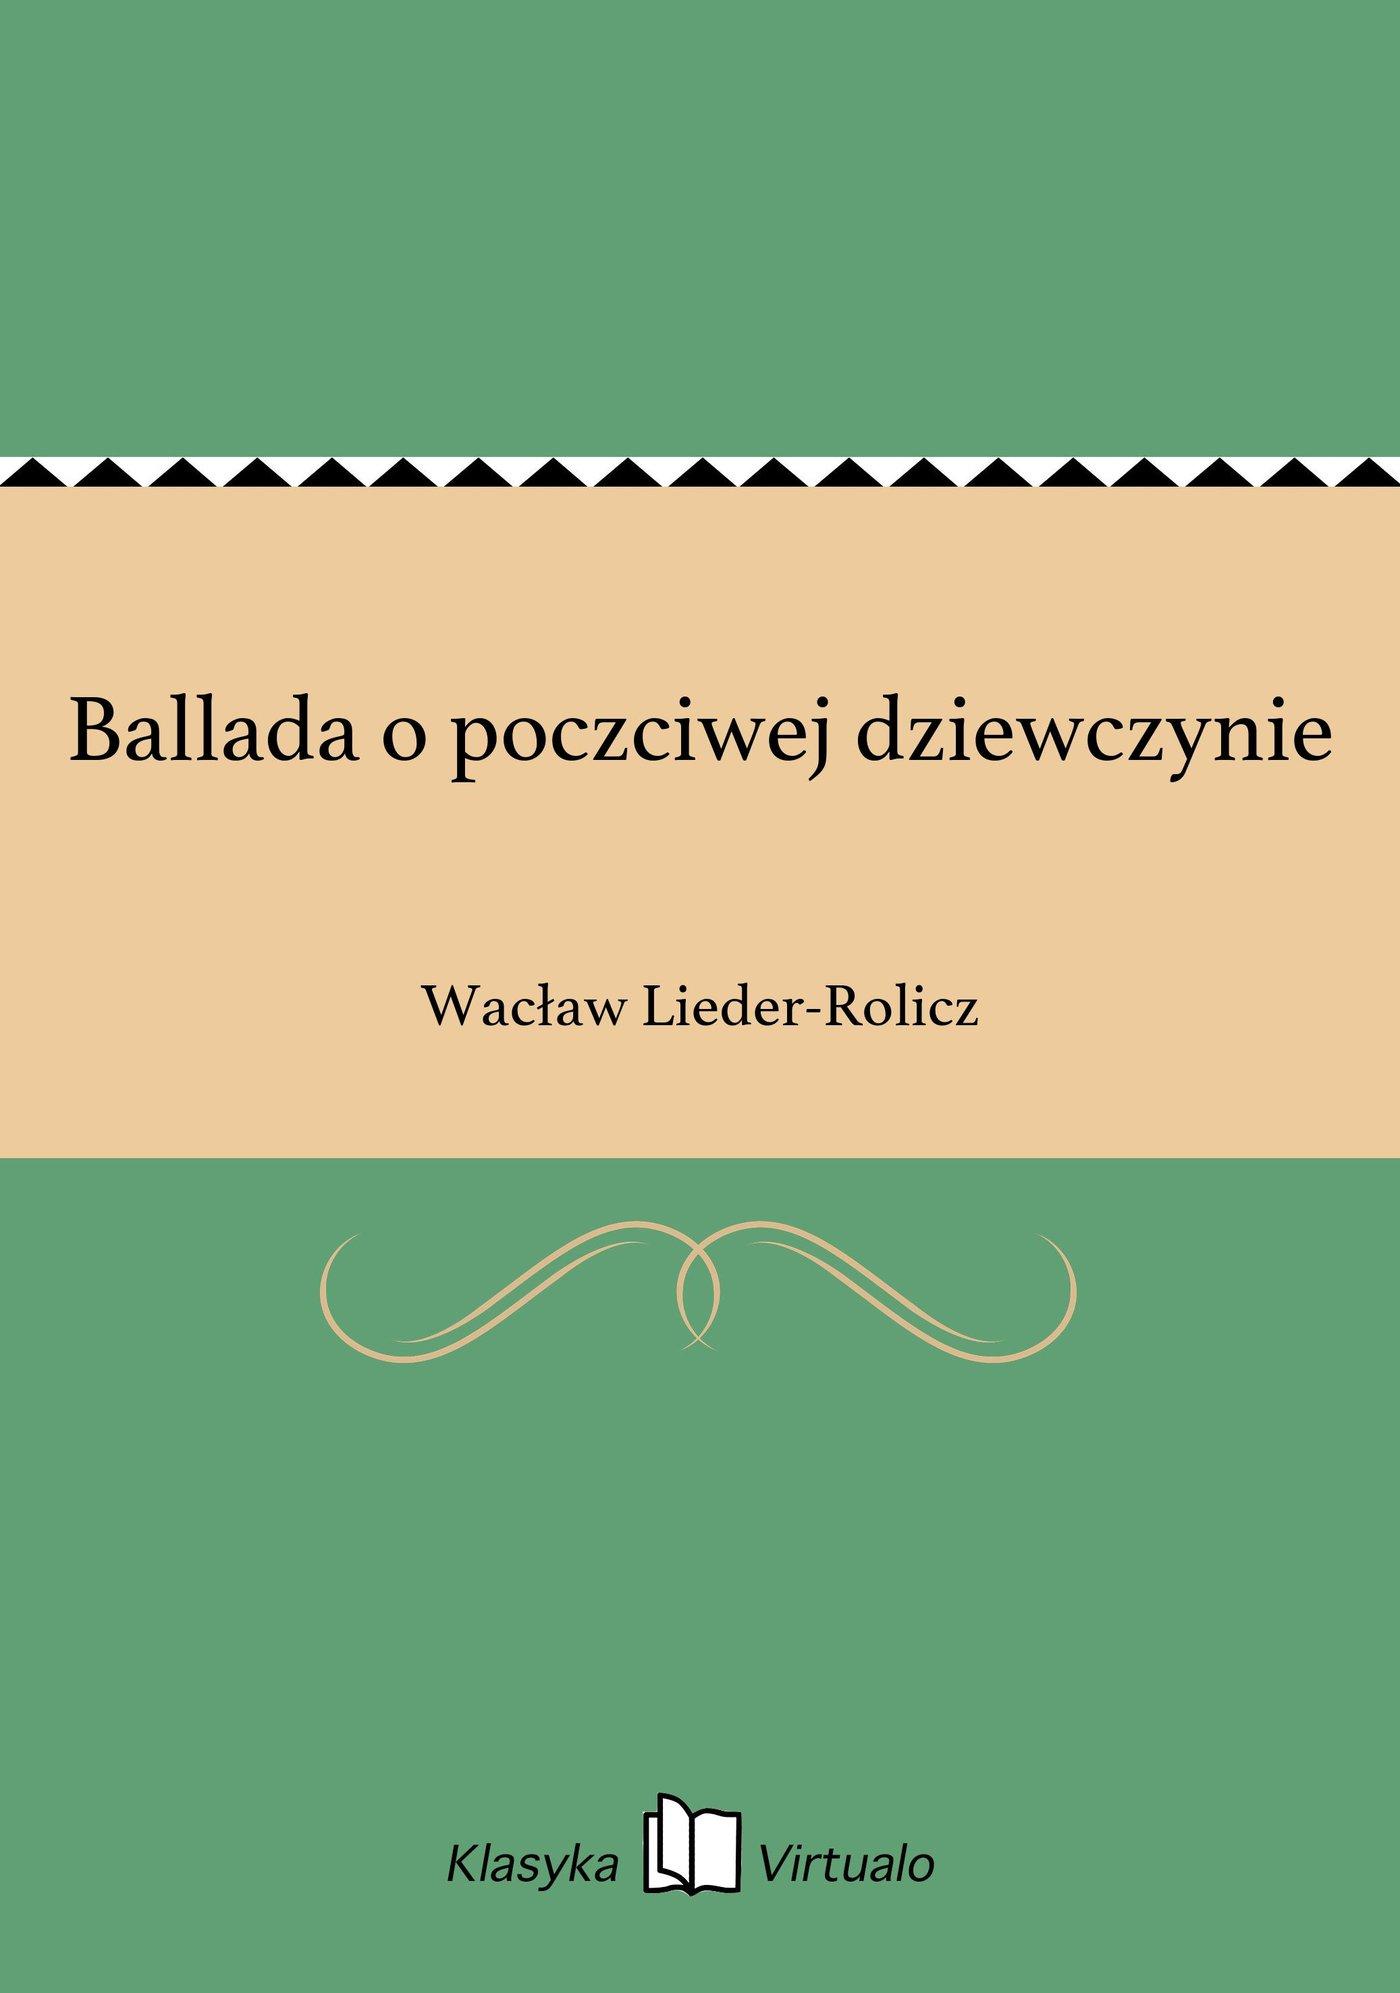 Ballada o poczciwej dziewczynie - Ebook (Książka EPUB) do pobrania w formacie EPUB